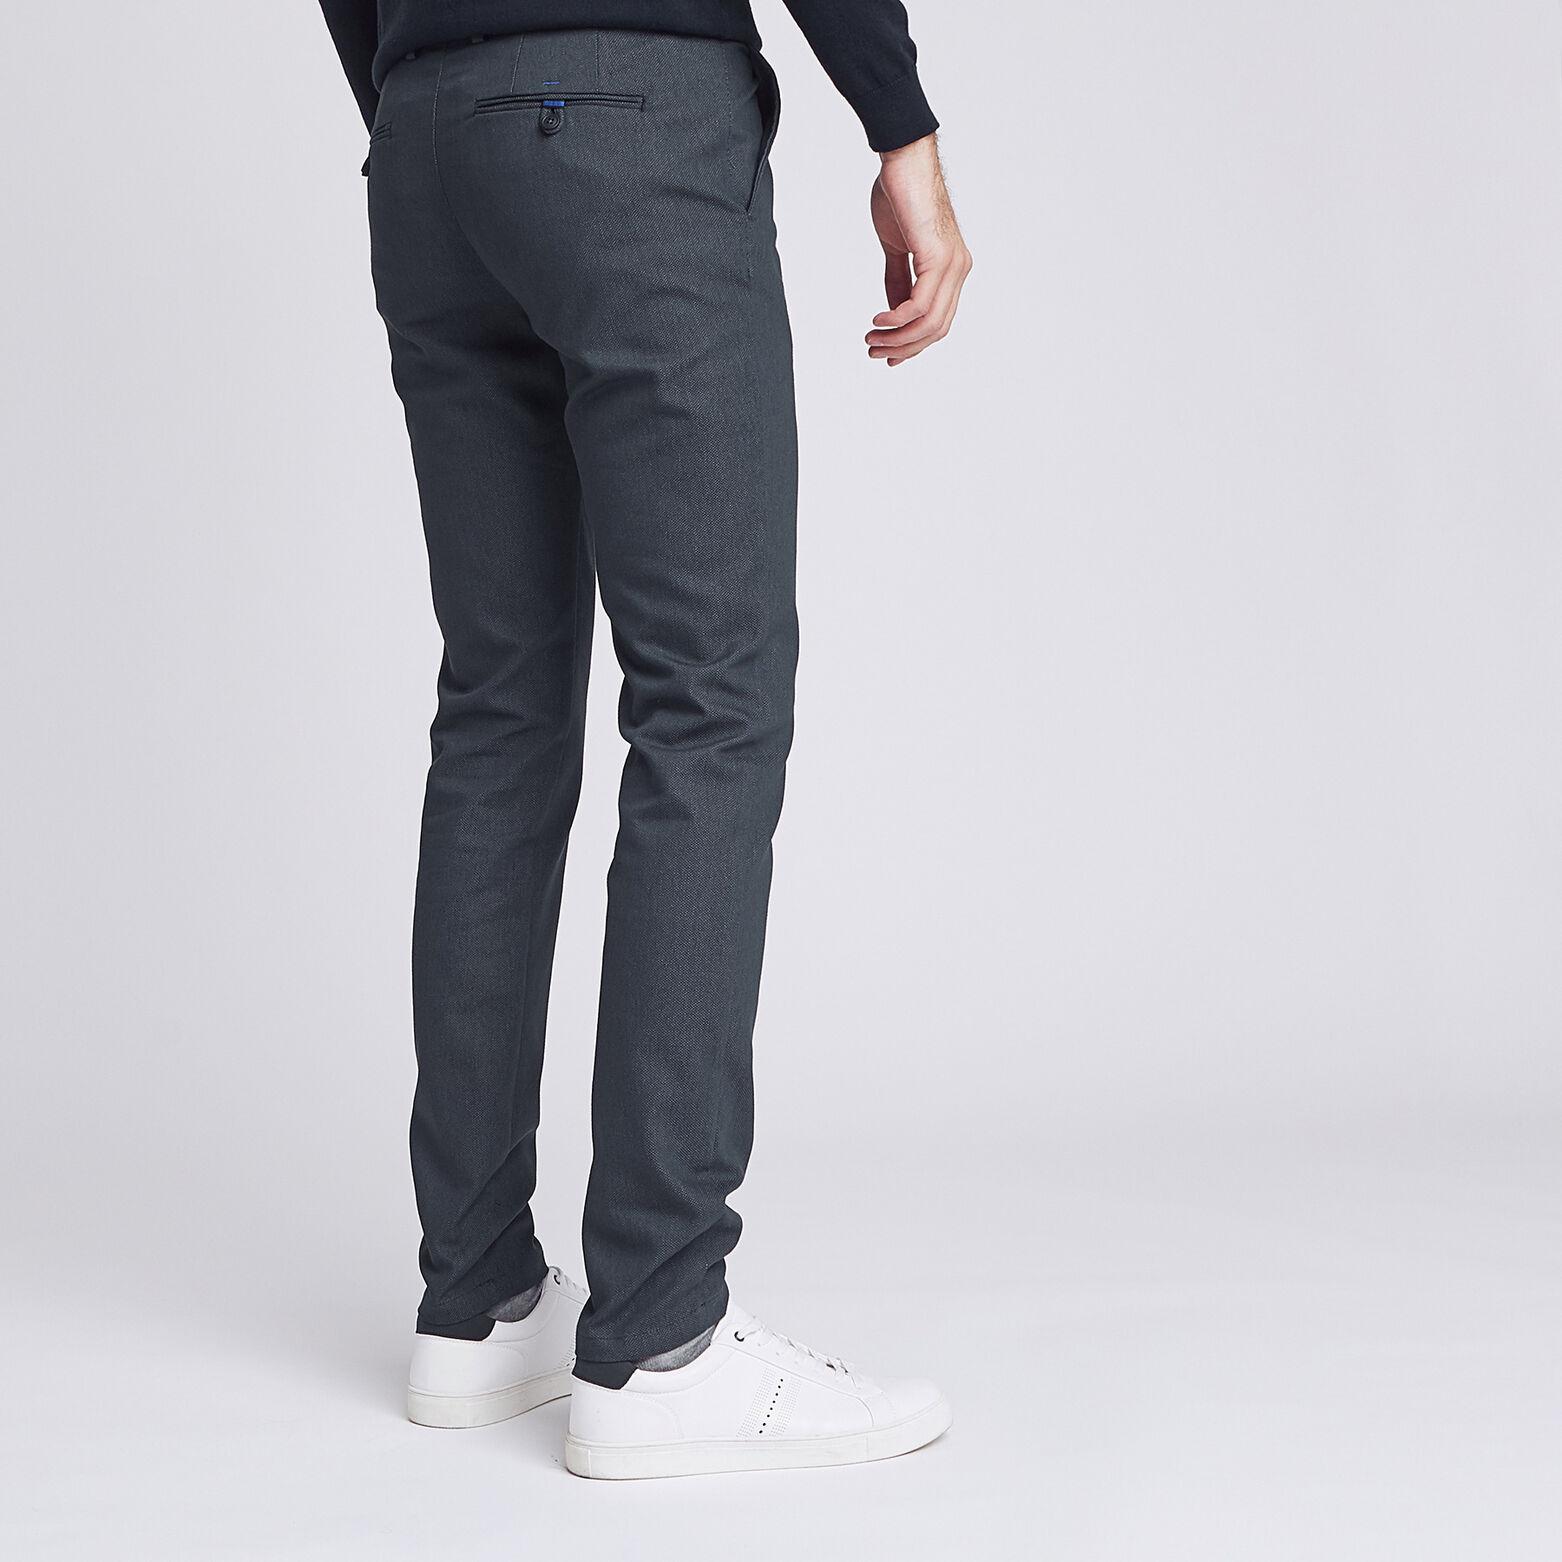 Pantalon chino slim fantaisie